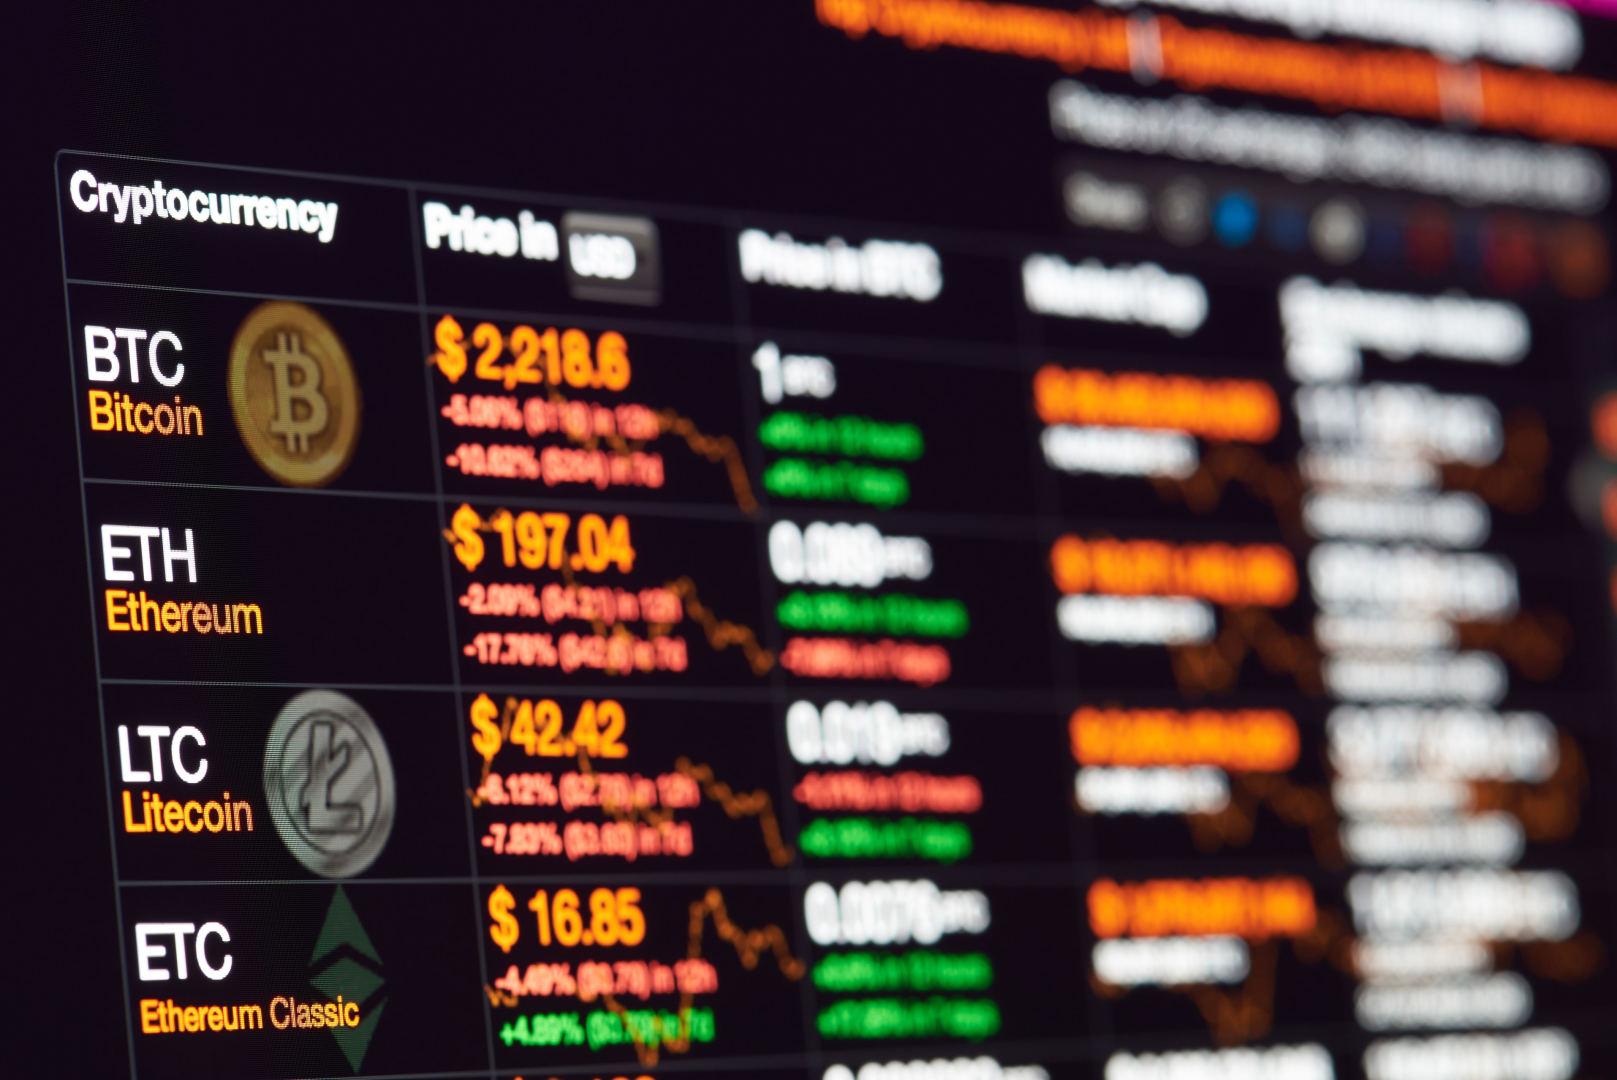 kokios yra geros kripto valiutos kad bt galima prekiauti spynmis